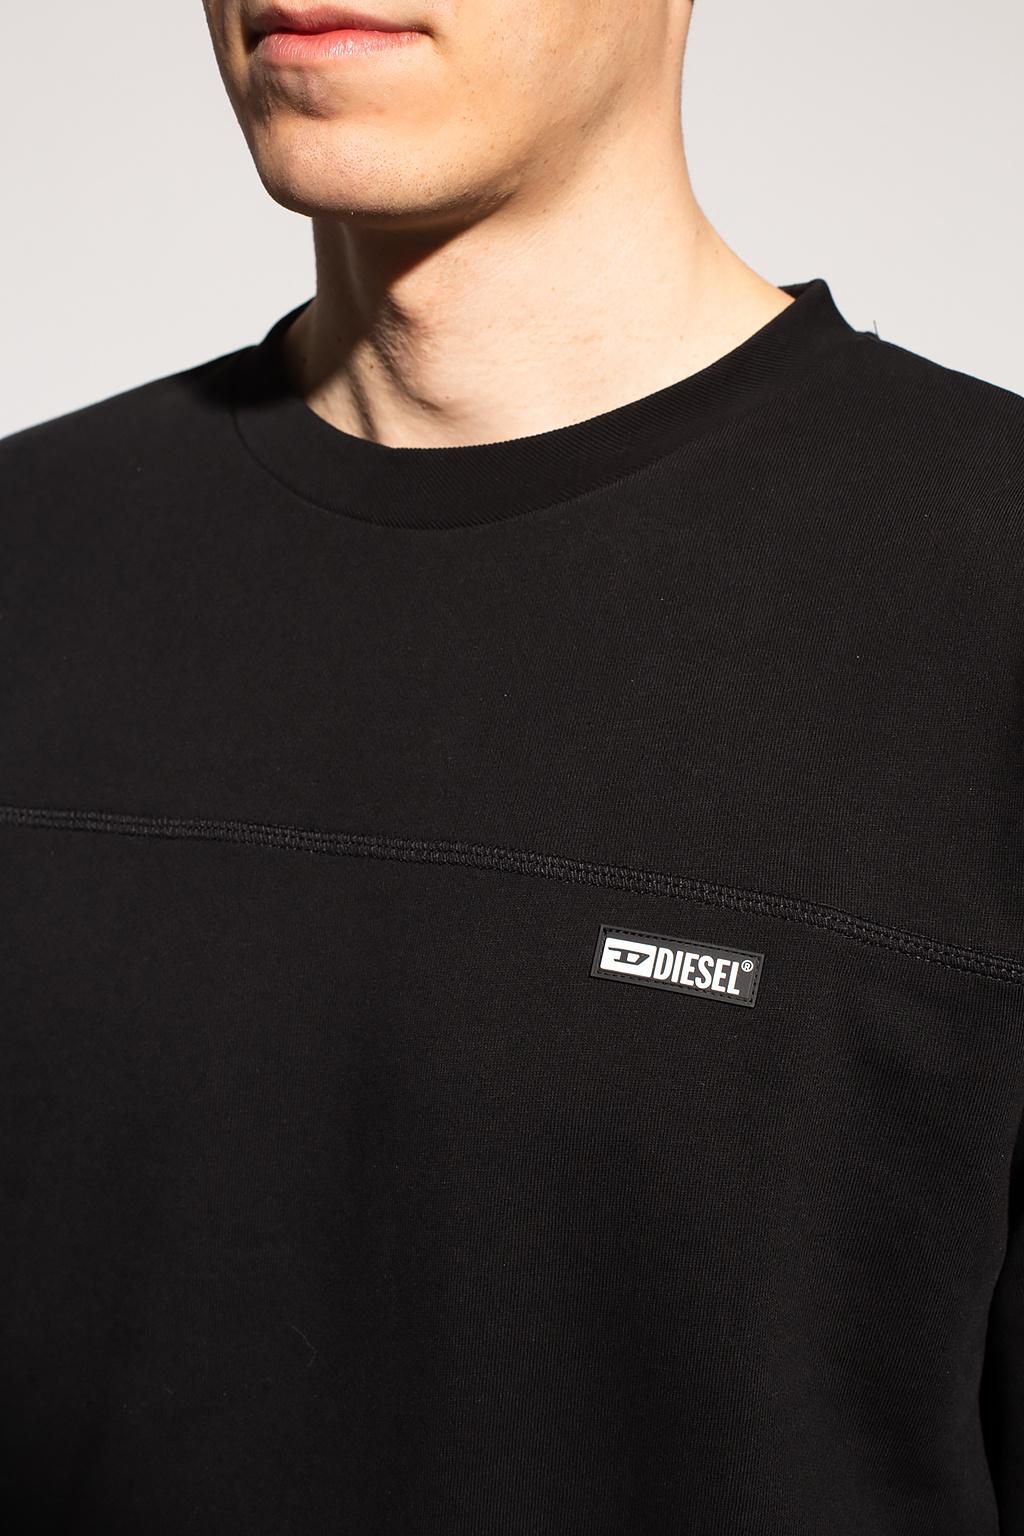 Diesel Sweatshirt with logo